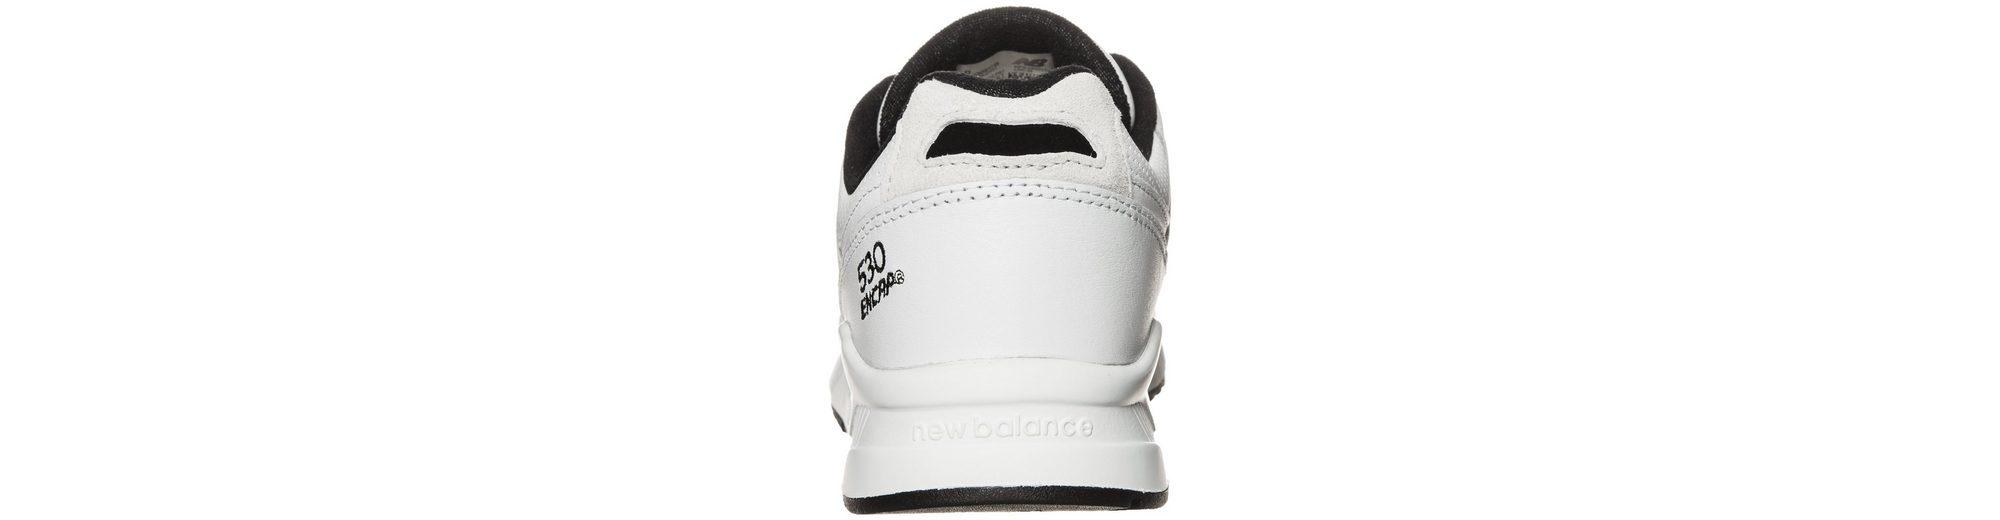 New Balance M530-ecb-d Sneaker Billig 100% Authentisch Finden Große Professionelle Günstig Online bjRHNC